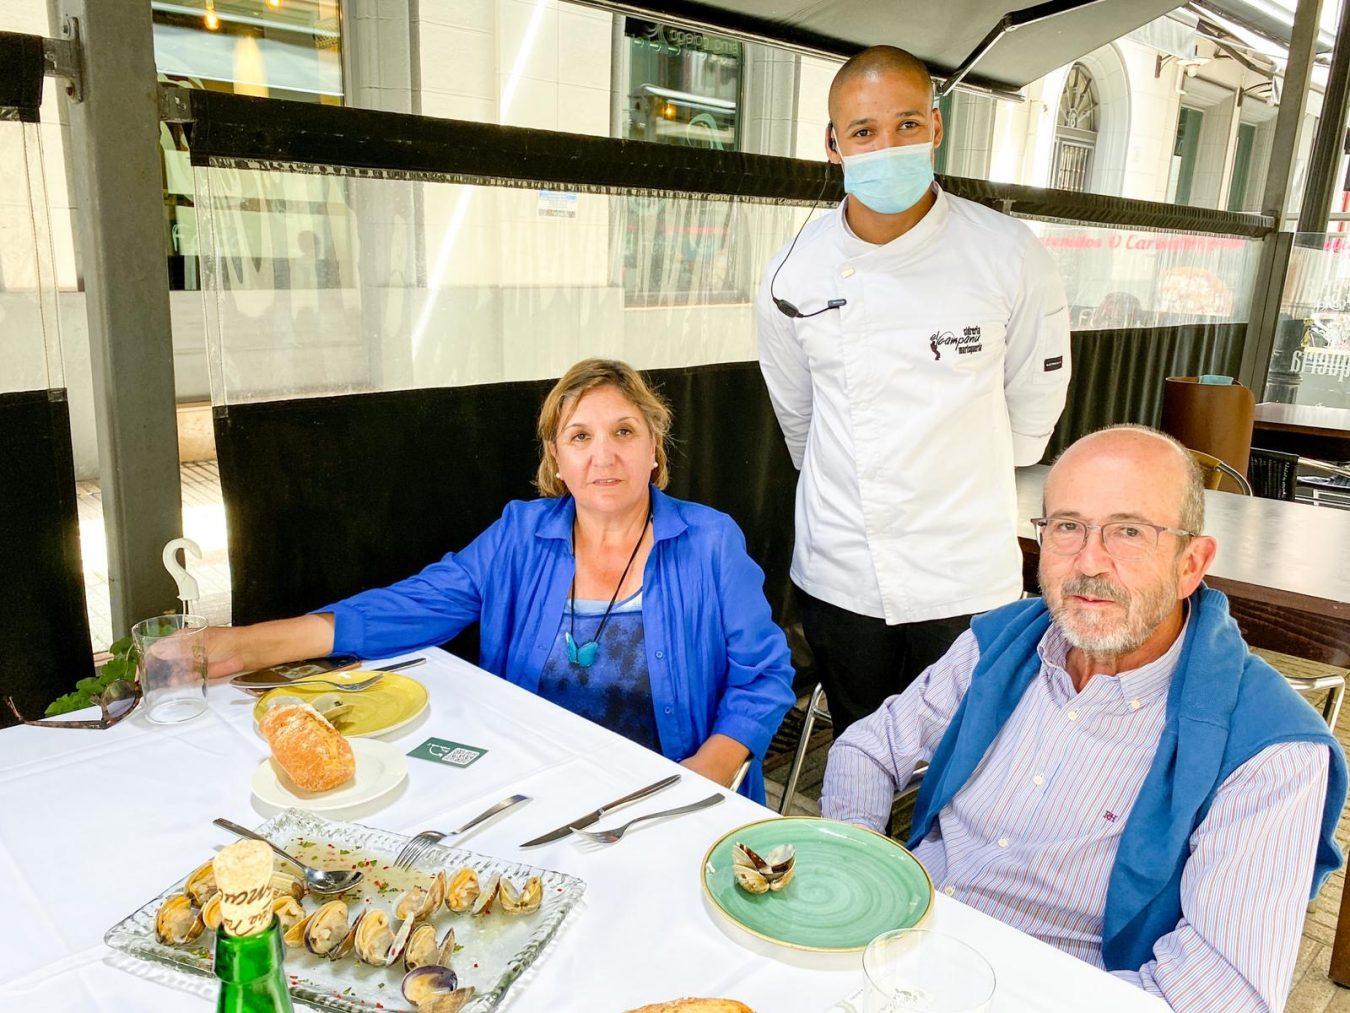 Encuentran una perla negra en una almeja servida en el nuevo restaurante El Campanu de Gijón